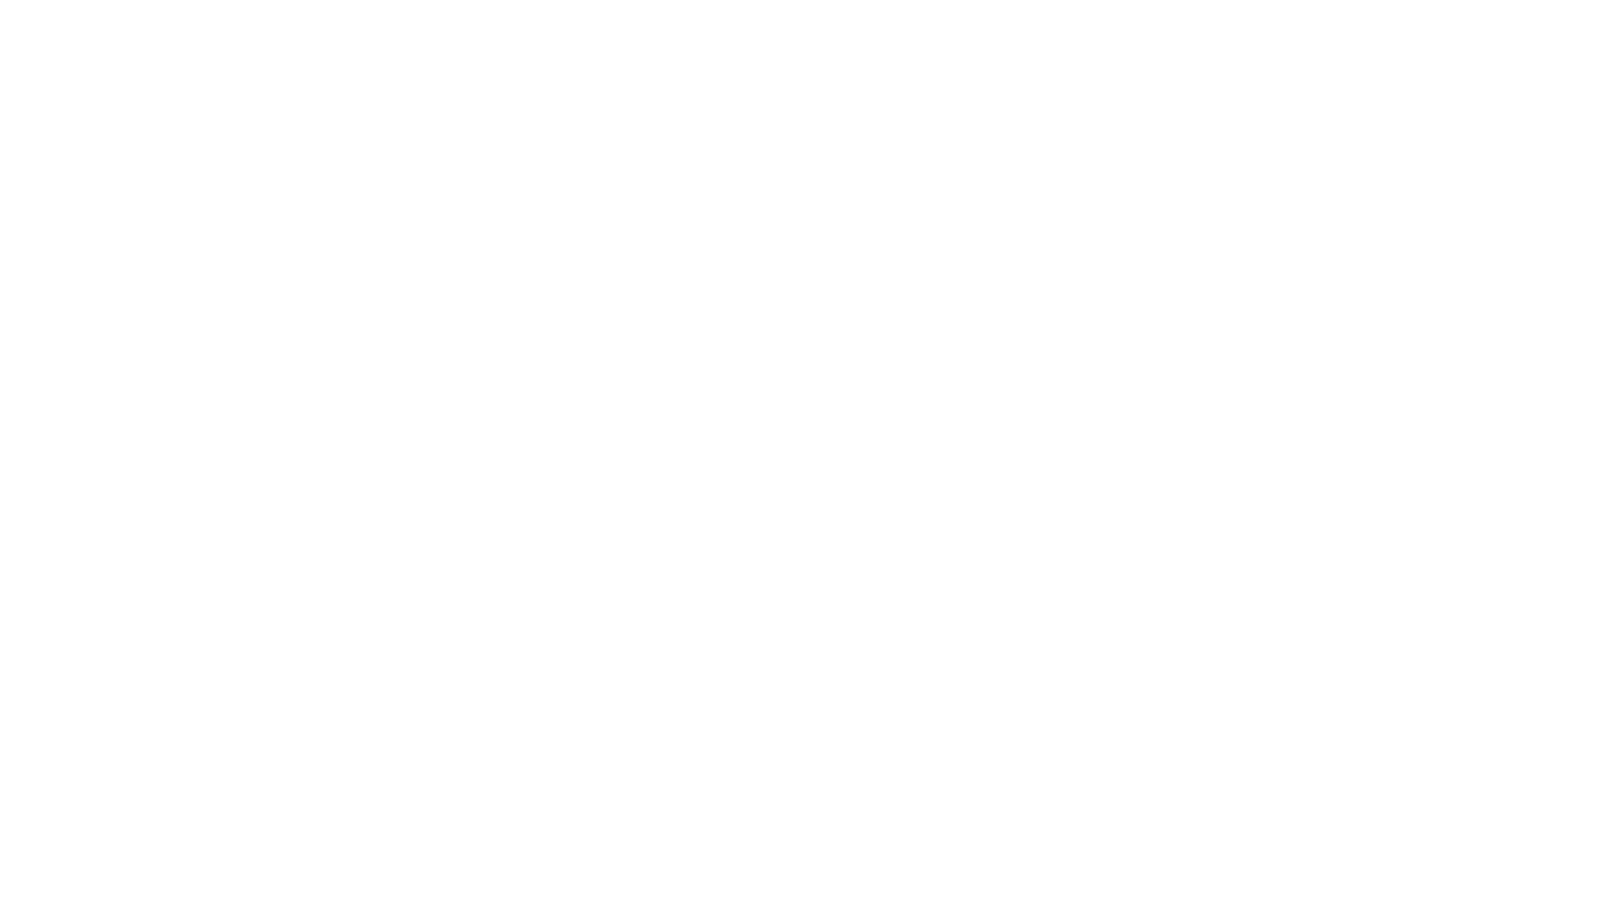 La Collezione Torlonia, per la ricchezza e la qualità delle opere in essa conservate, si è imposta sin dal suo nascere come una delle più importanti raccolte private d'arte classica in Italia e nel mondo, creando intorno al suo nome una fama che è giunta inalterata fino ai nostri giorni. Il primo nucleo di opere risale agli inizi del 1800, quando, tramite asta pubblica, entra nel patrimonio Torlonia la collezione dello scultore Bartolomeo Cavaceppi (1717-1799), il più celebre restauratore di statuaria antica del Settecento. Su questo primo nucleo la raccolta era destinata ad accrescersi ulteriormente nel corso del secolo con, tra l'altro, l'Hestia Giustiniani, il c.d. Eutidemo di Battriana, e soprattutto la straordinaria serie dei busti imperiali e dei ritratti Giustiniani.